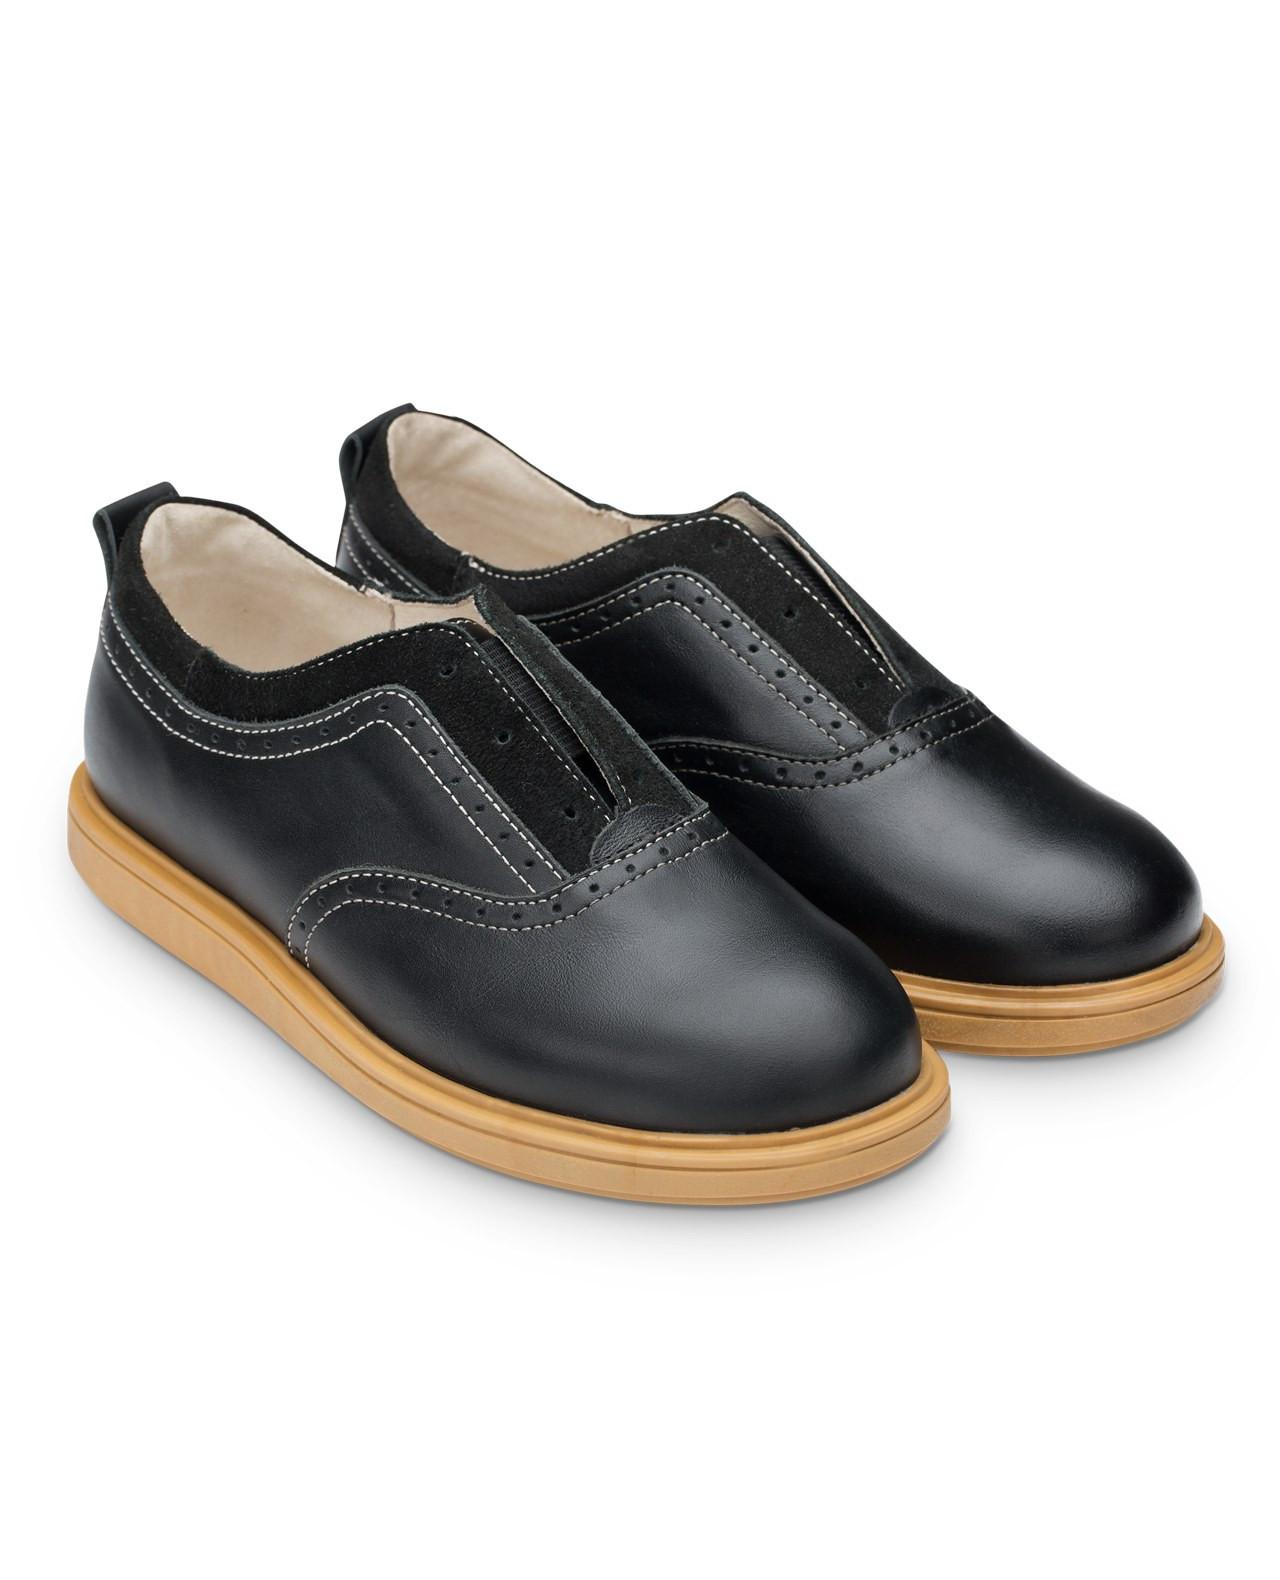 Полуботинки Детские, Tapiboo Степ (44489, 33 )Обувь для школы<br>Оригинальная модель с намеком на шнурки <br>которые забыли вставить. Многослойная, <br>анатомическая стелька со сводоподдерживающим <br>элементом для правильного формирования <br>стопы. Благодаря использованию современных <br>внутренних материалов позволяет оптимально <br>распределить нагрузку по всей площади стопы <br>и свести к минимуму ее ударную составляющую. <br>Жесткий фиксирующий задник надежно стабилизирует <br>голеностопный сустав во время ходьбы. Упругая, <br>умеренно-эластичная подошва, имеющая перекат <br>позволяющий повторить естественное движение <br>стопы при ходьбе для правильного распределения <br>нагрузки на опорно-двигательный аппарат <br>ребенка. Подкладка из натуральной кожи <br>обладает мягкостью и природной способностью <br>пропускать воздух для создания оптимального <br>температурного режима (нога не потеет).<br>Размер INT: M; Цвет: Красный; Ширина: 100; Высота: 200; Вес: 1000;